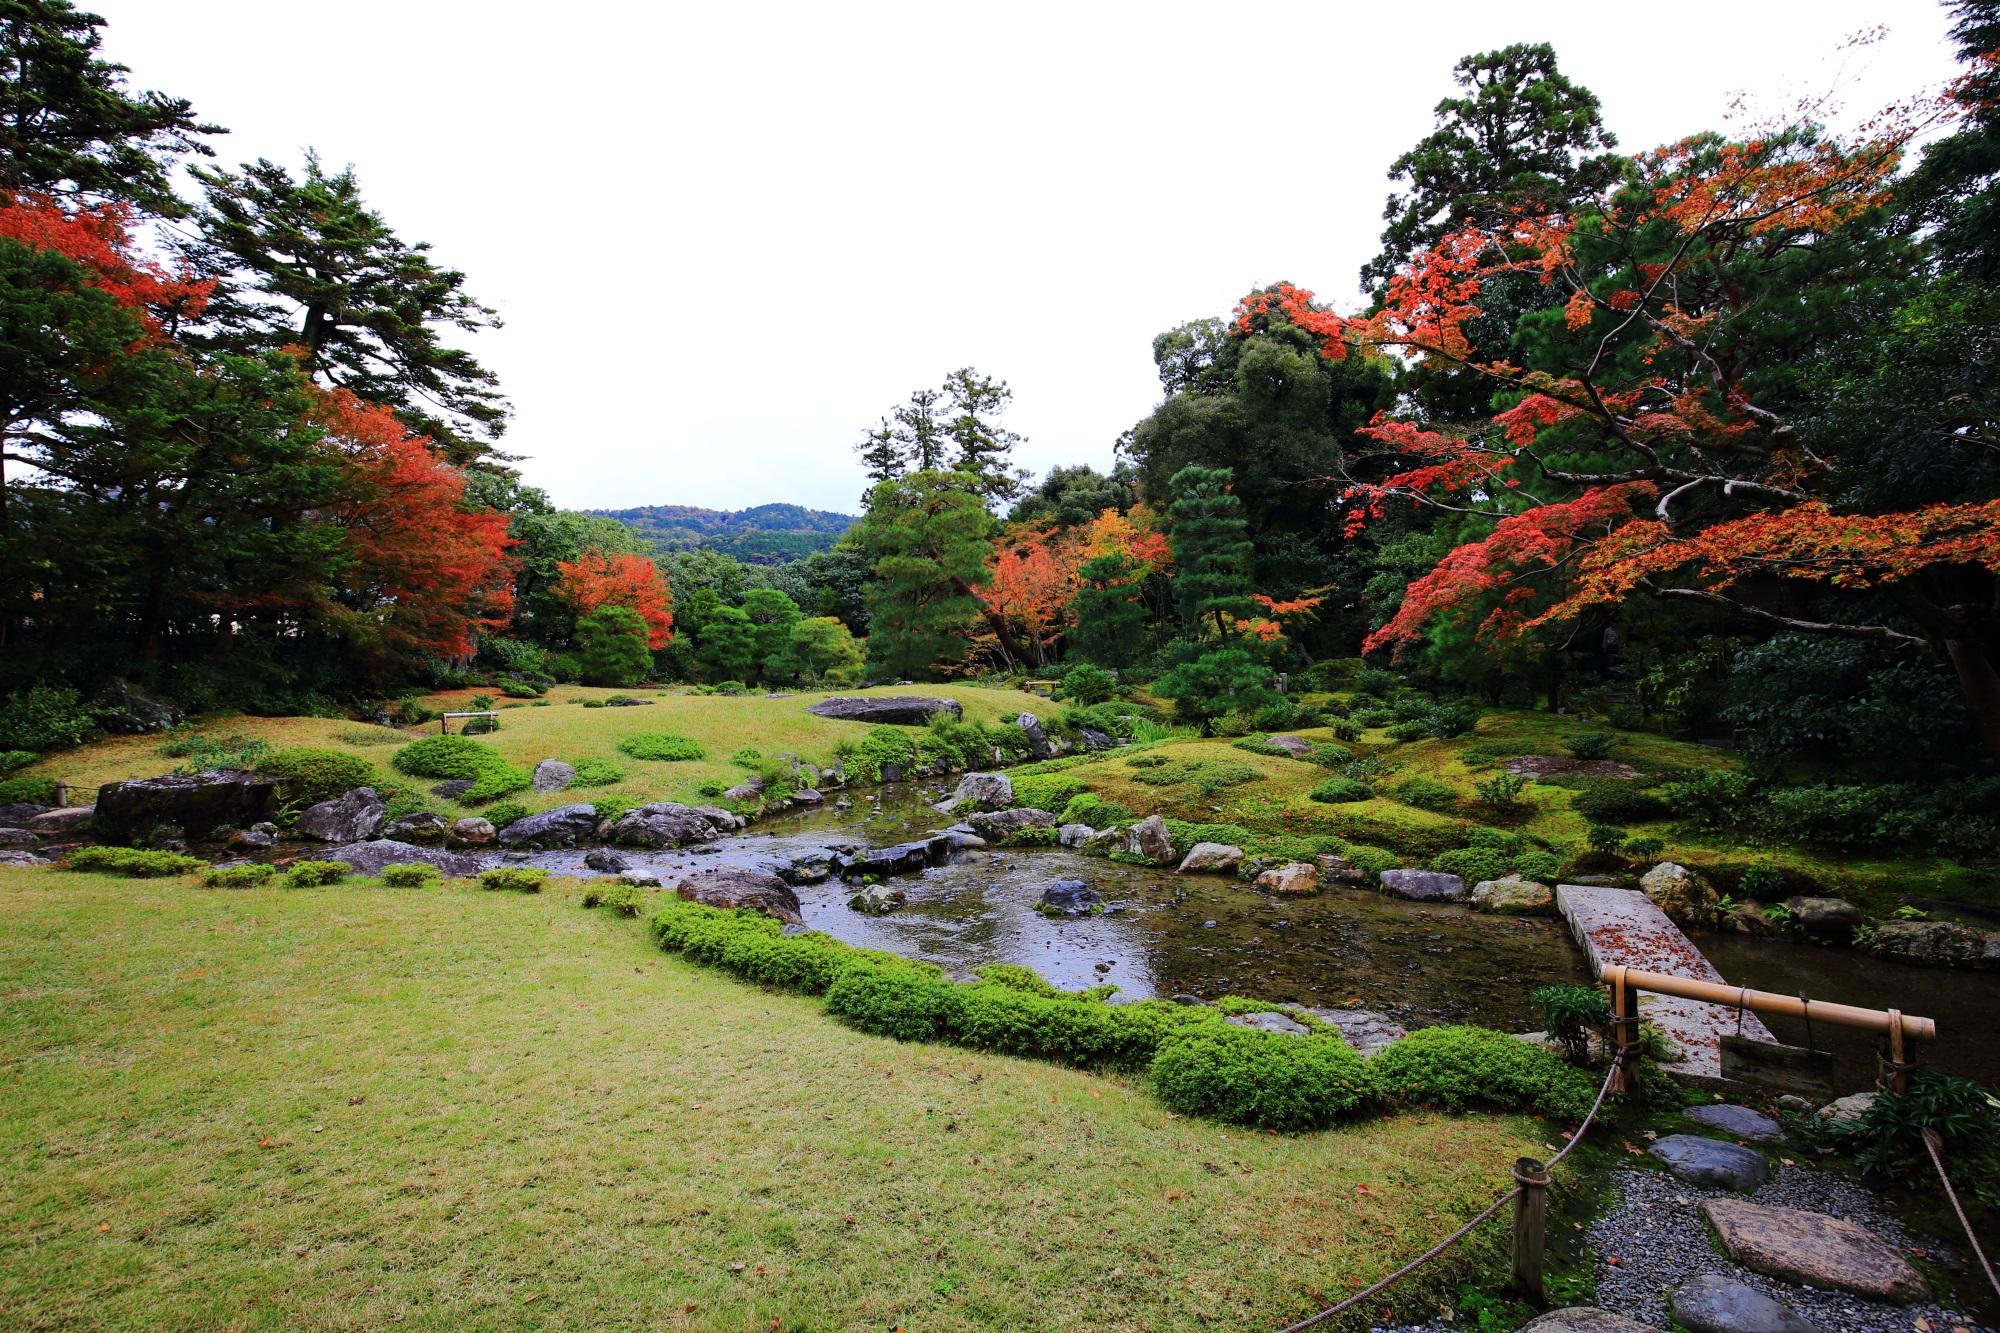 優雅な庭園の緑と水を上品に染める紅葉